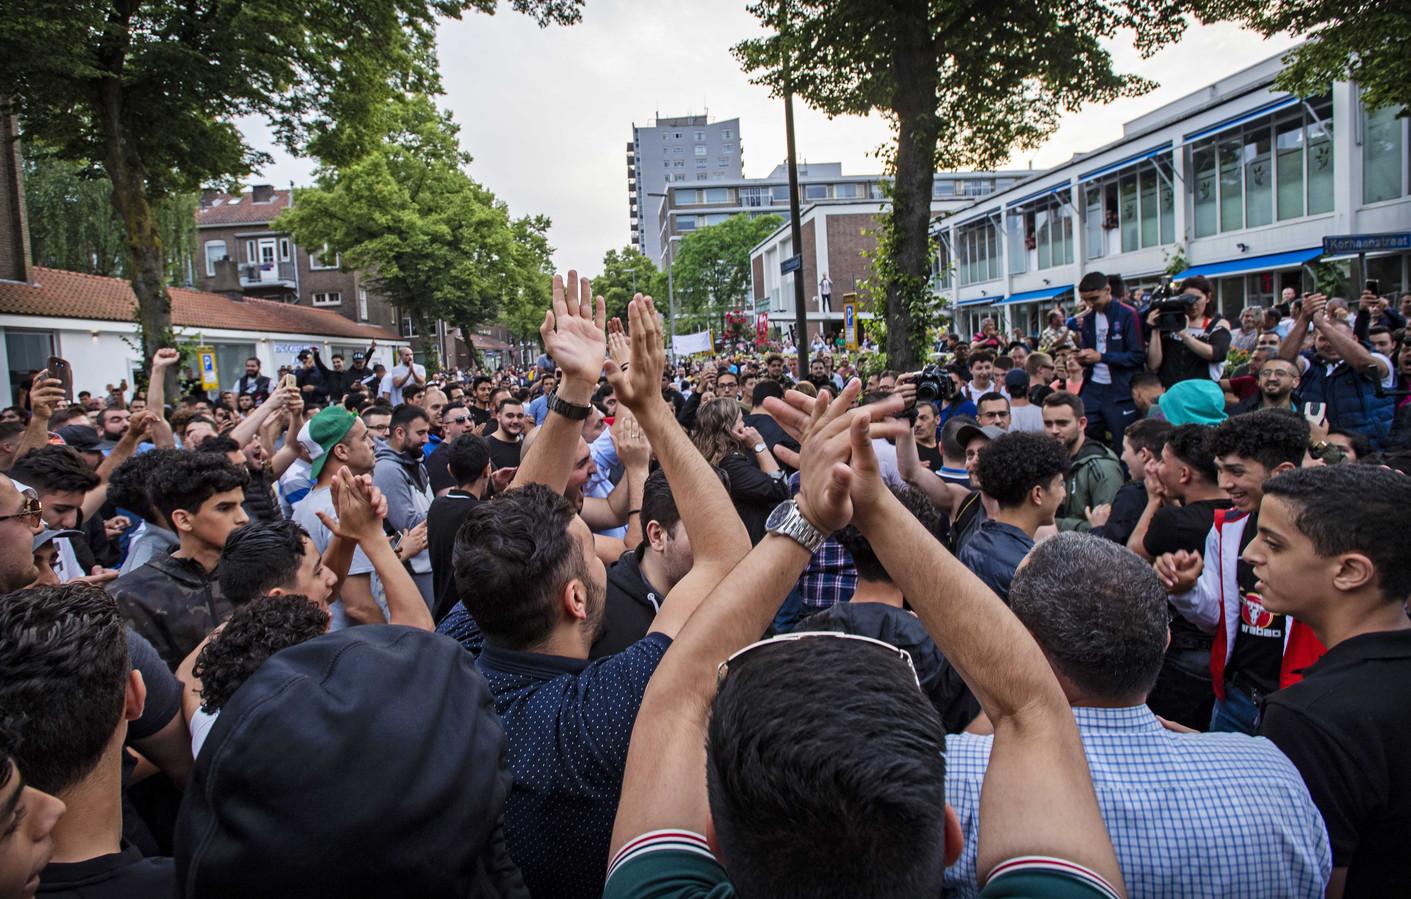 Een menigte heeft zich opgesteld bij de Laleli-moskee waar anti-islamgroep Pegida een demonstratie wilde houden.